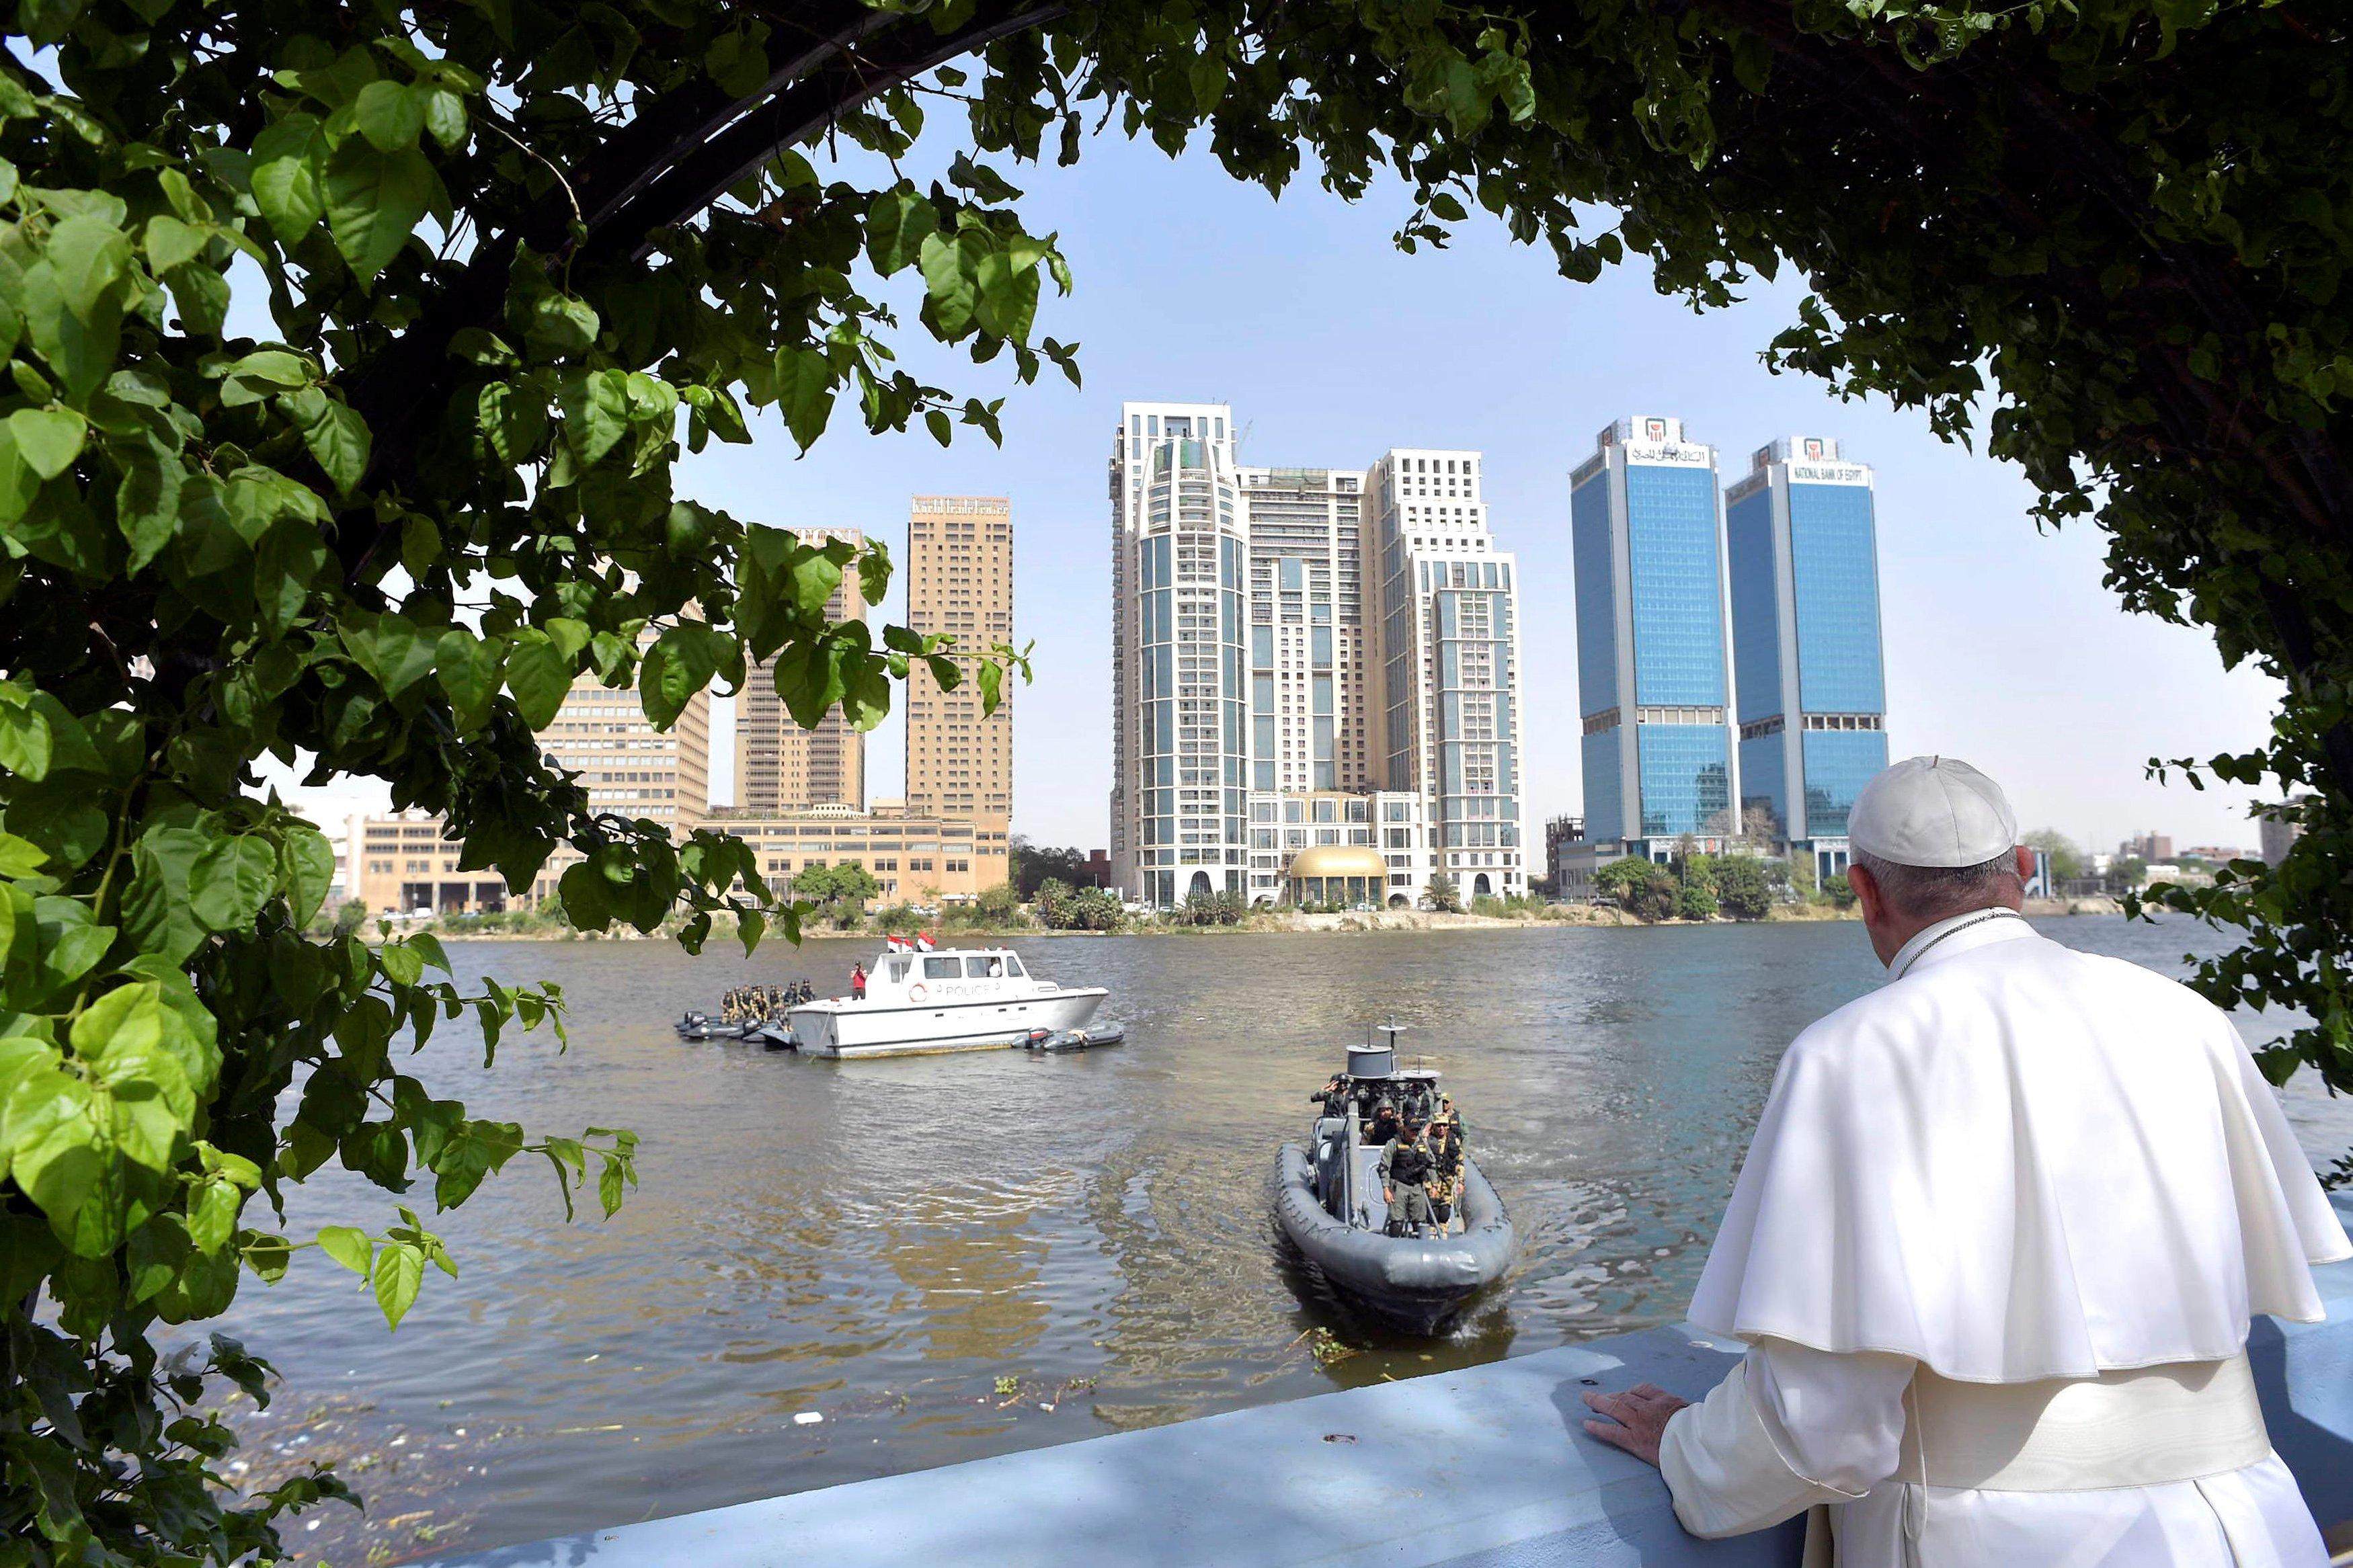 البابا-يشاهد-النيل